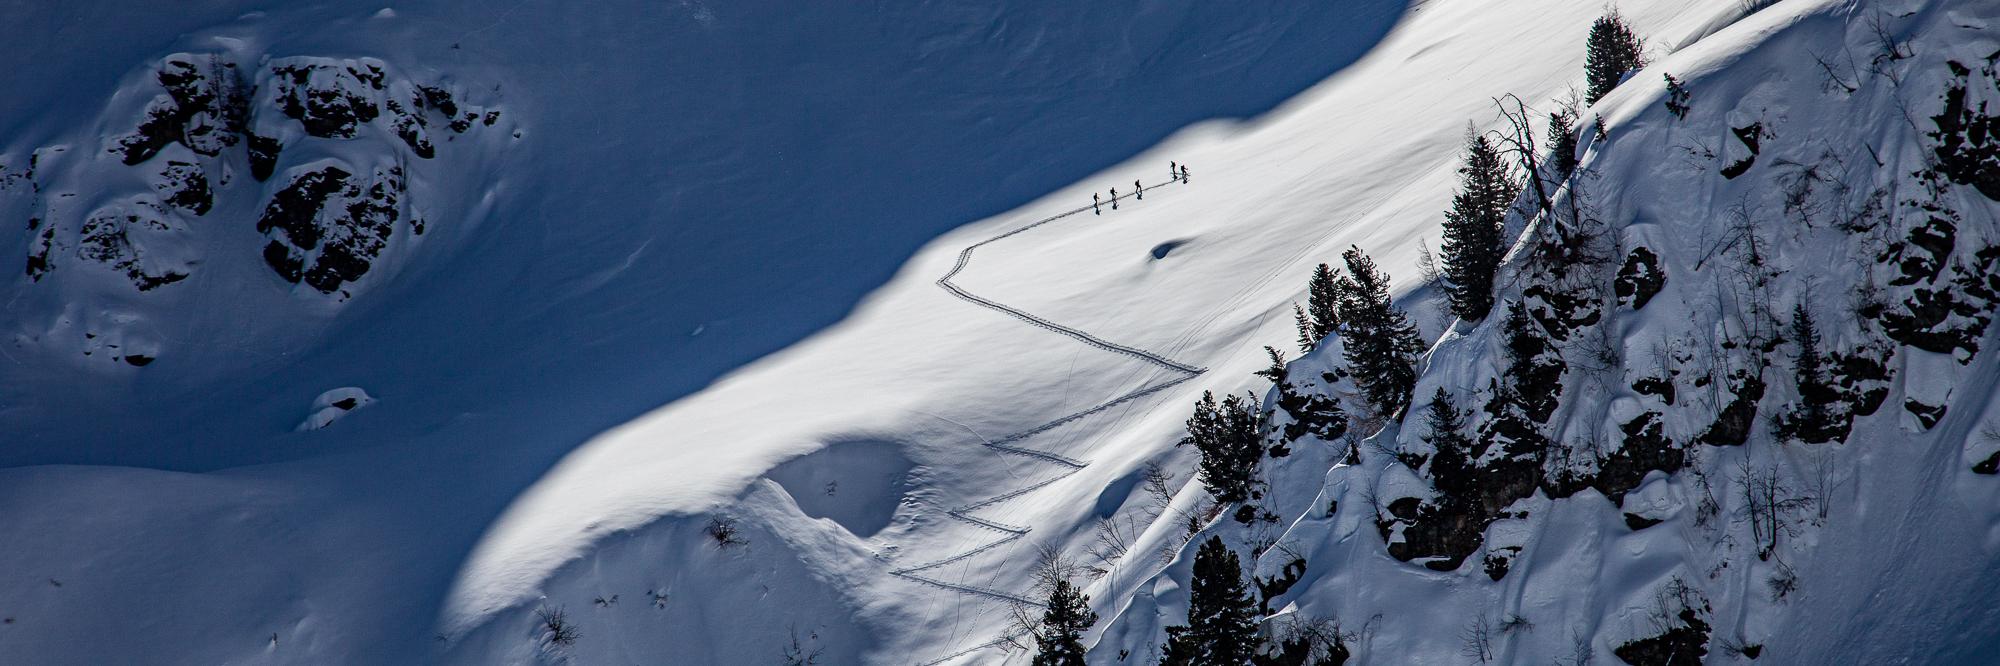 Beschreibung Lohnender Skitouren In Den Villgratner Bergen Und Den Karnischen Alpen